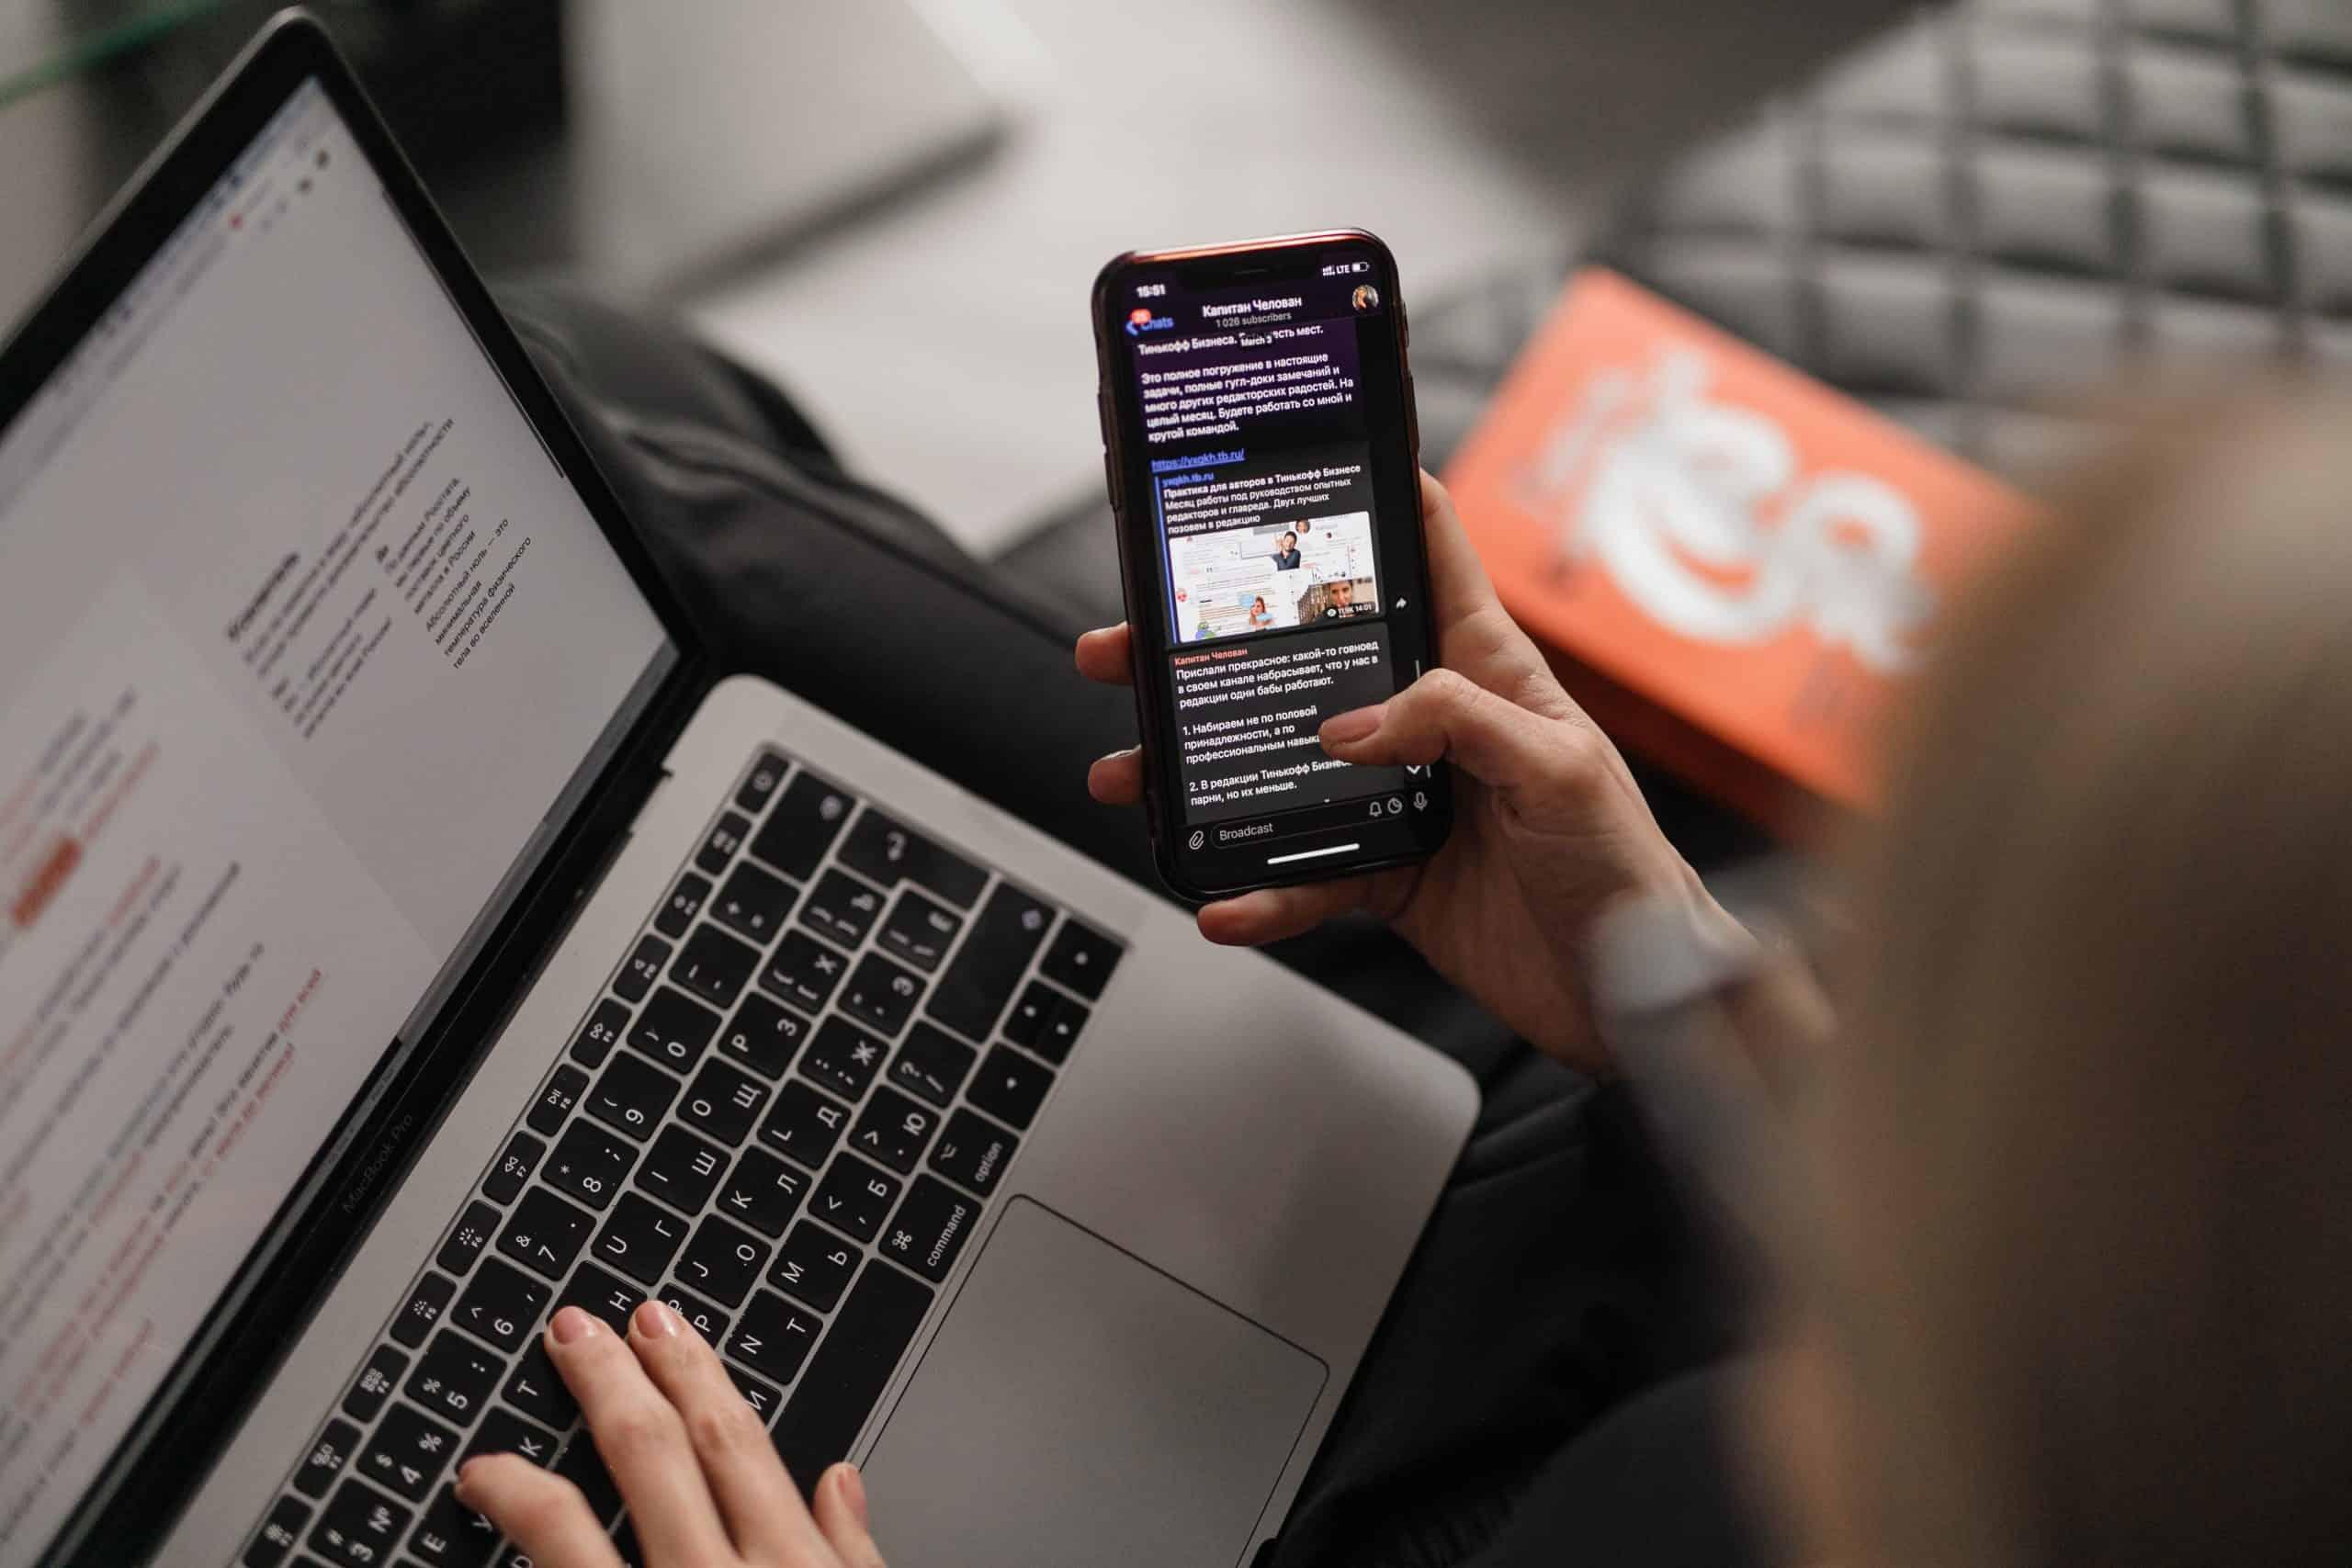 une femme au lit avec un téléphone portable à la main